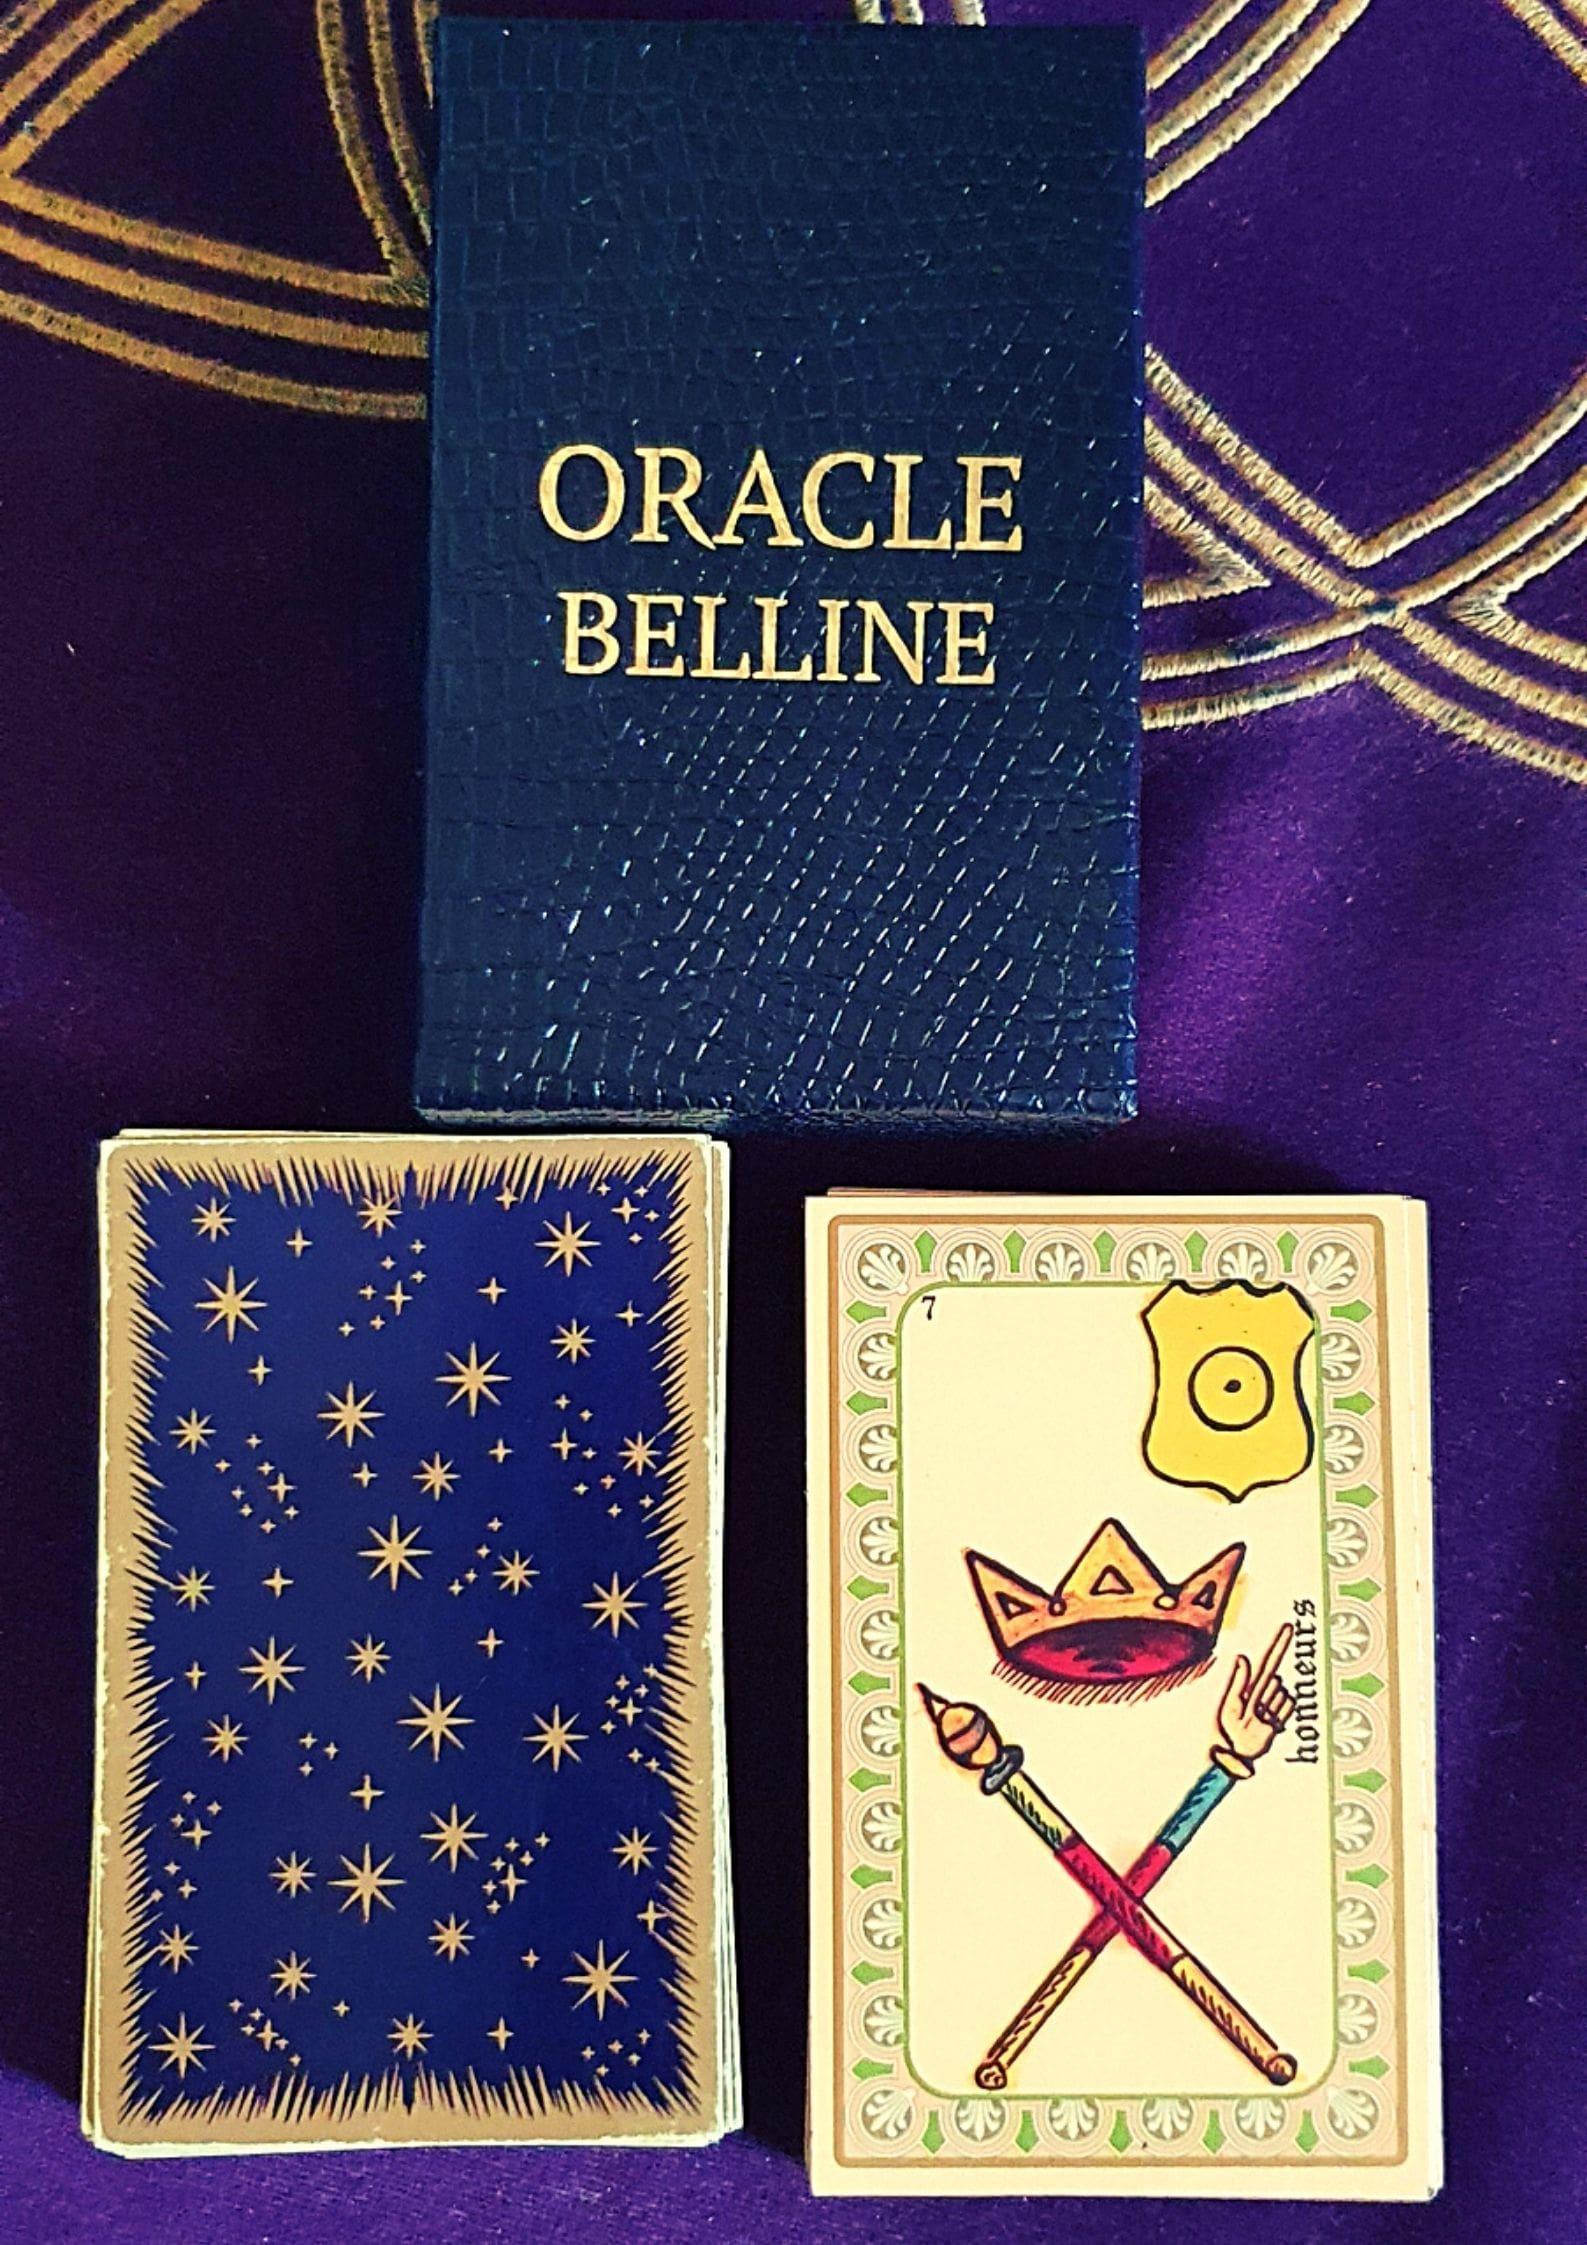 L'Oracle de Belline est l'oracle fétiche de Sophie Vitali